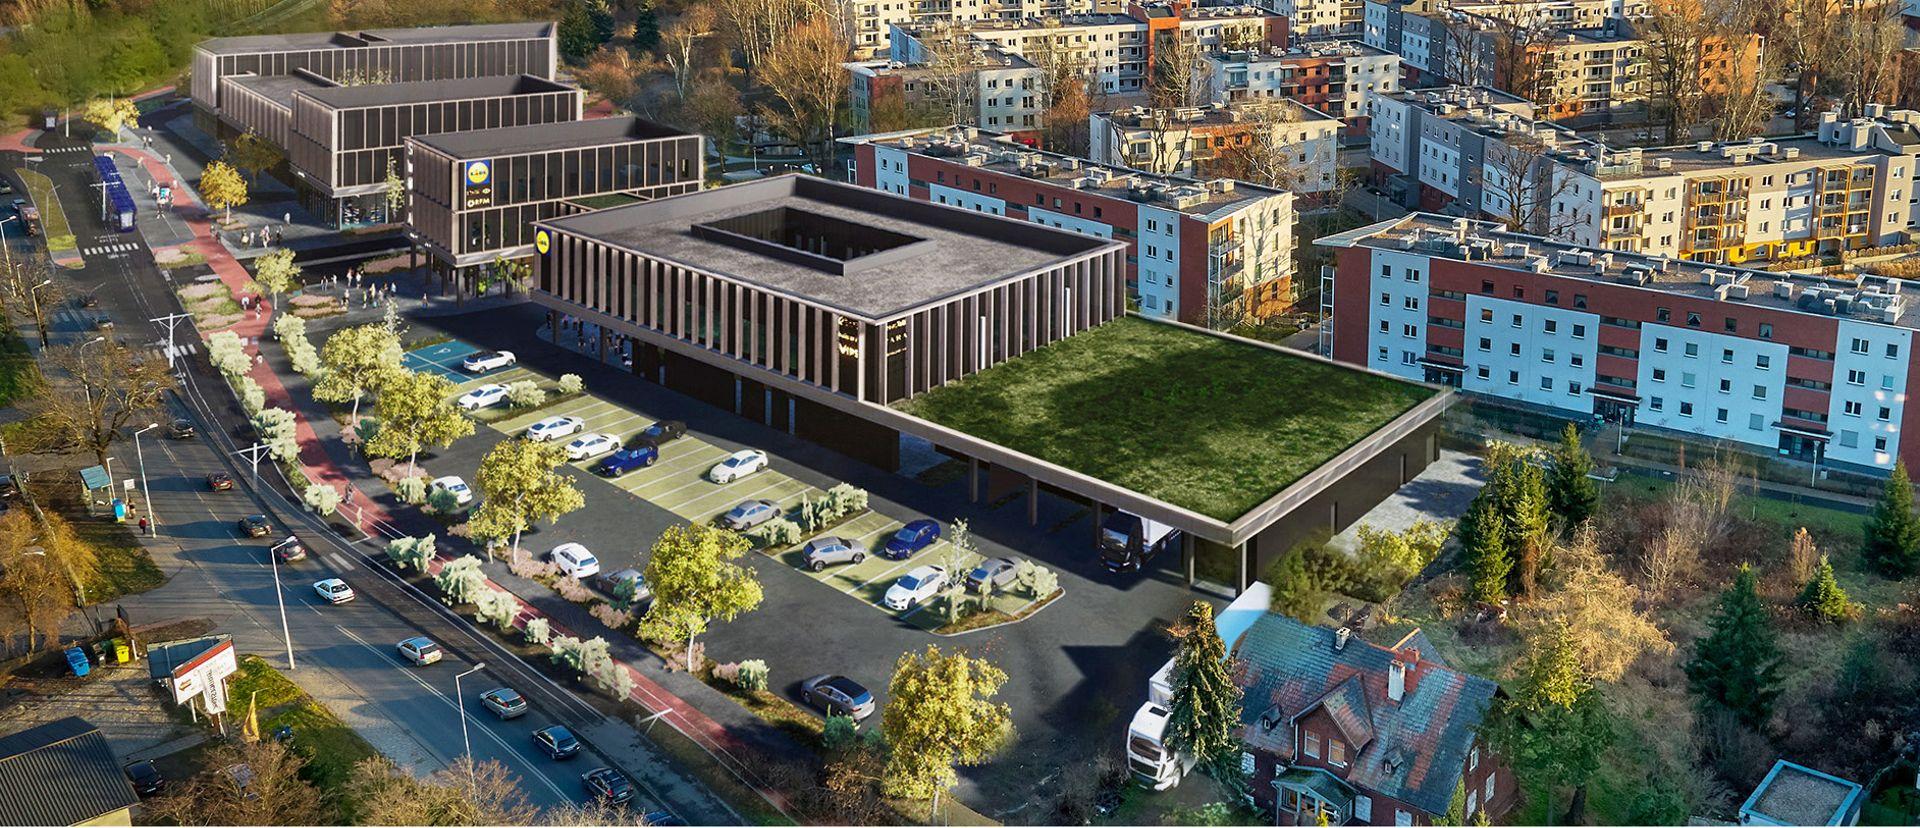 Wkrótce otwarcie nowego marketu Lidl i galerii handlowej we Wrocławiu